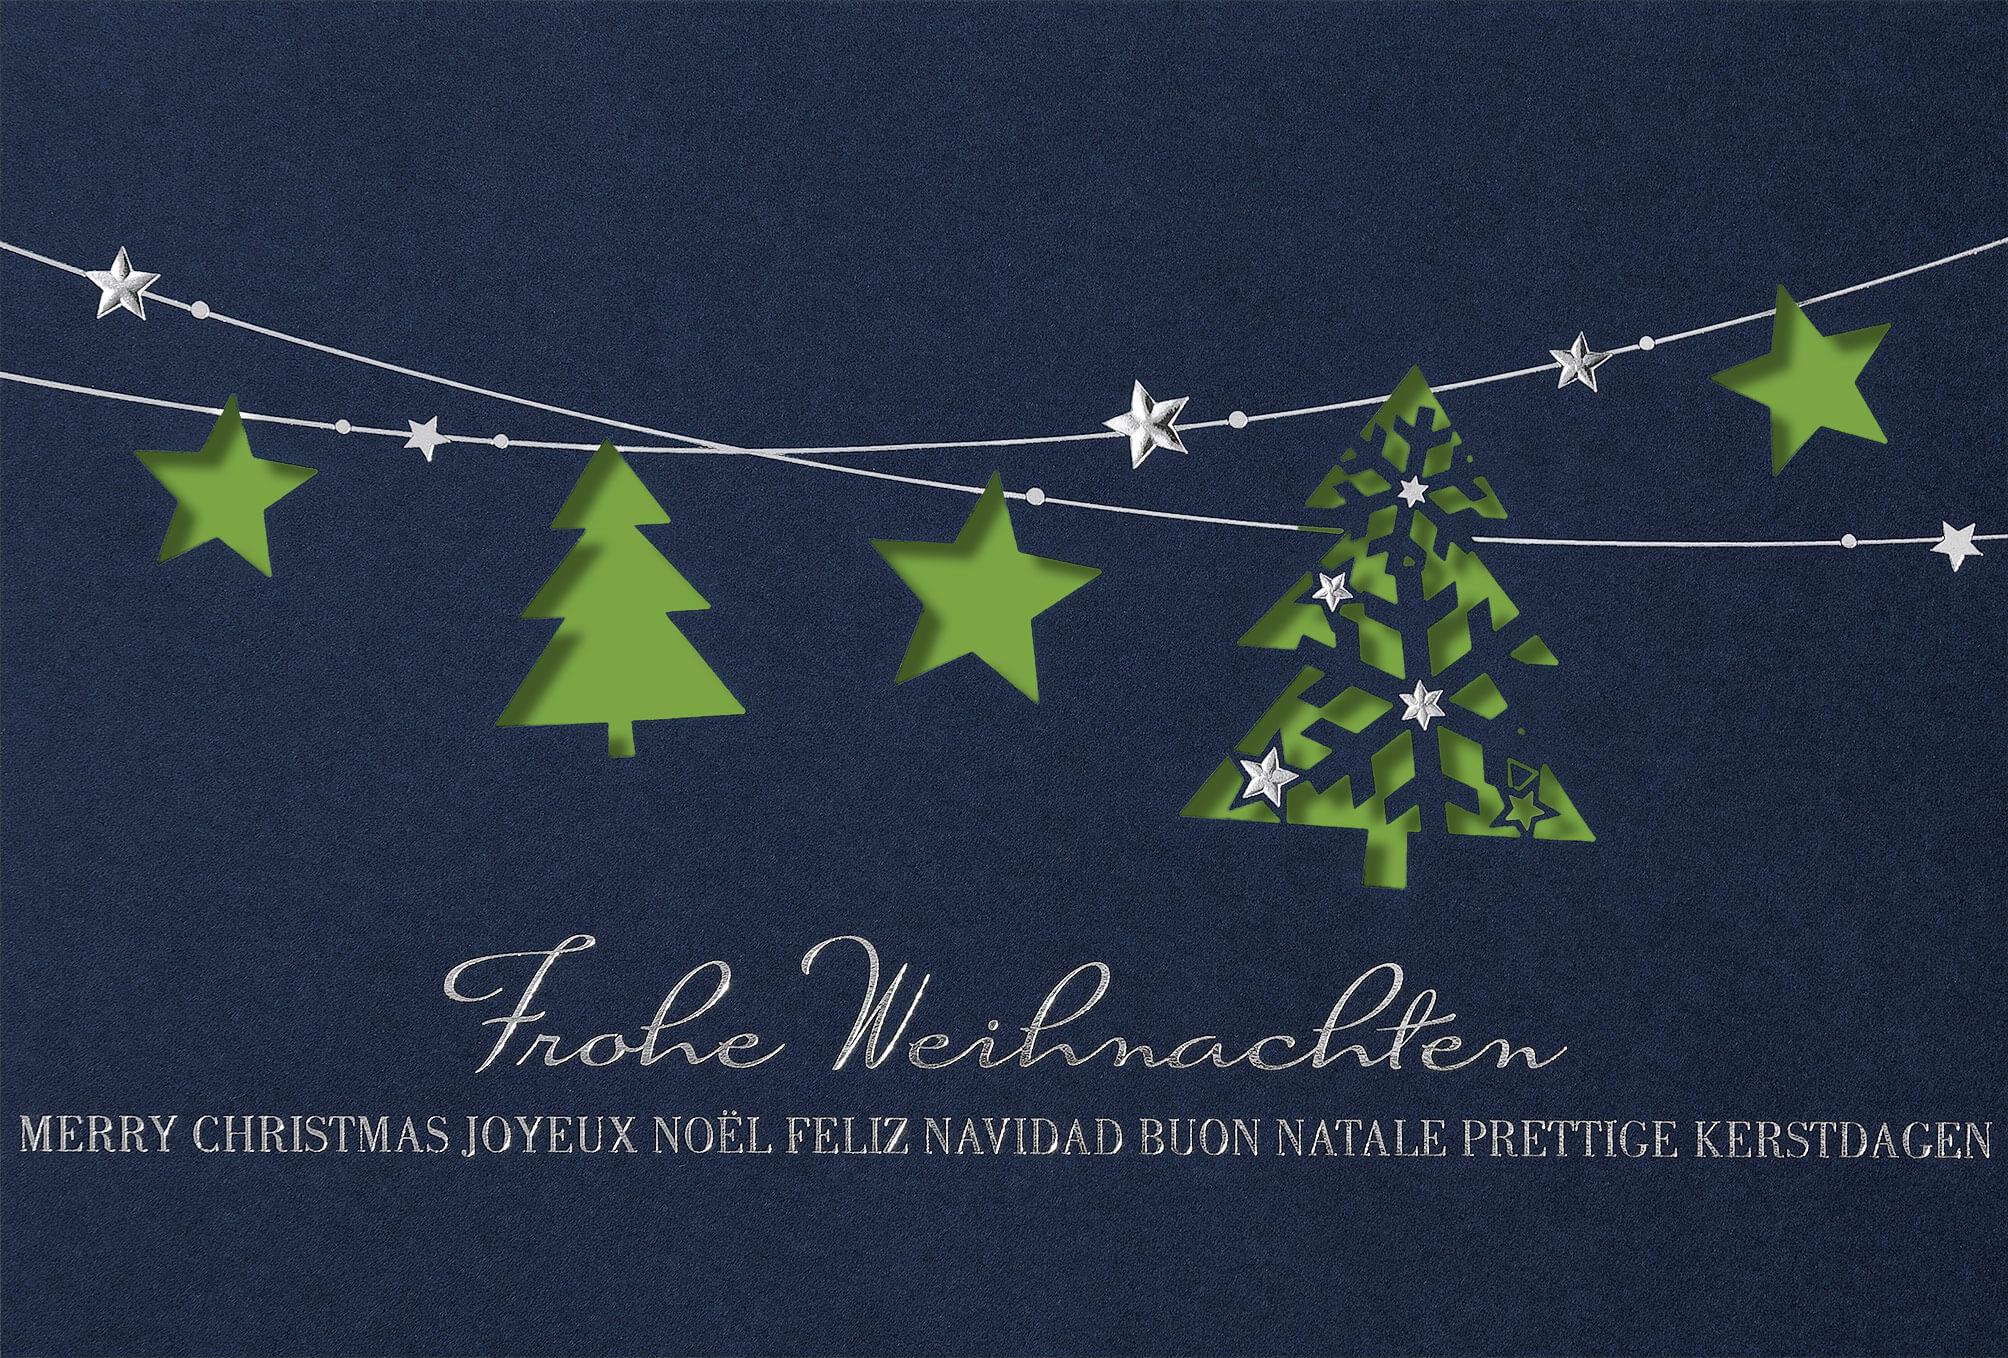 Internationale Weihnachtskarte blau mit grünem Einleger und Stanzung